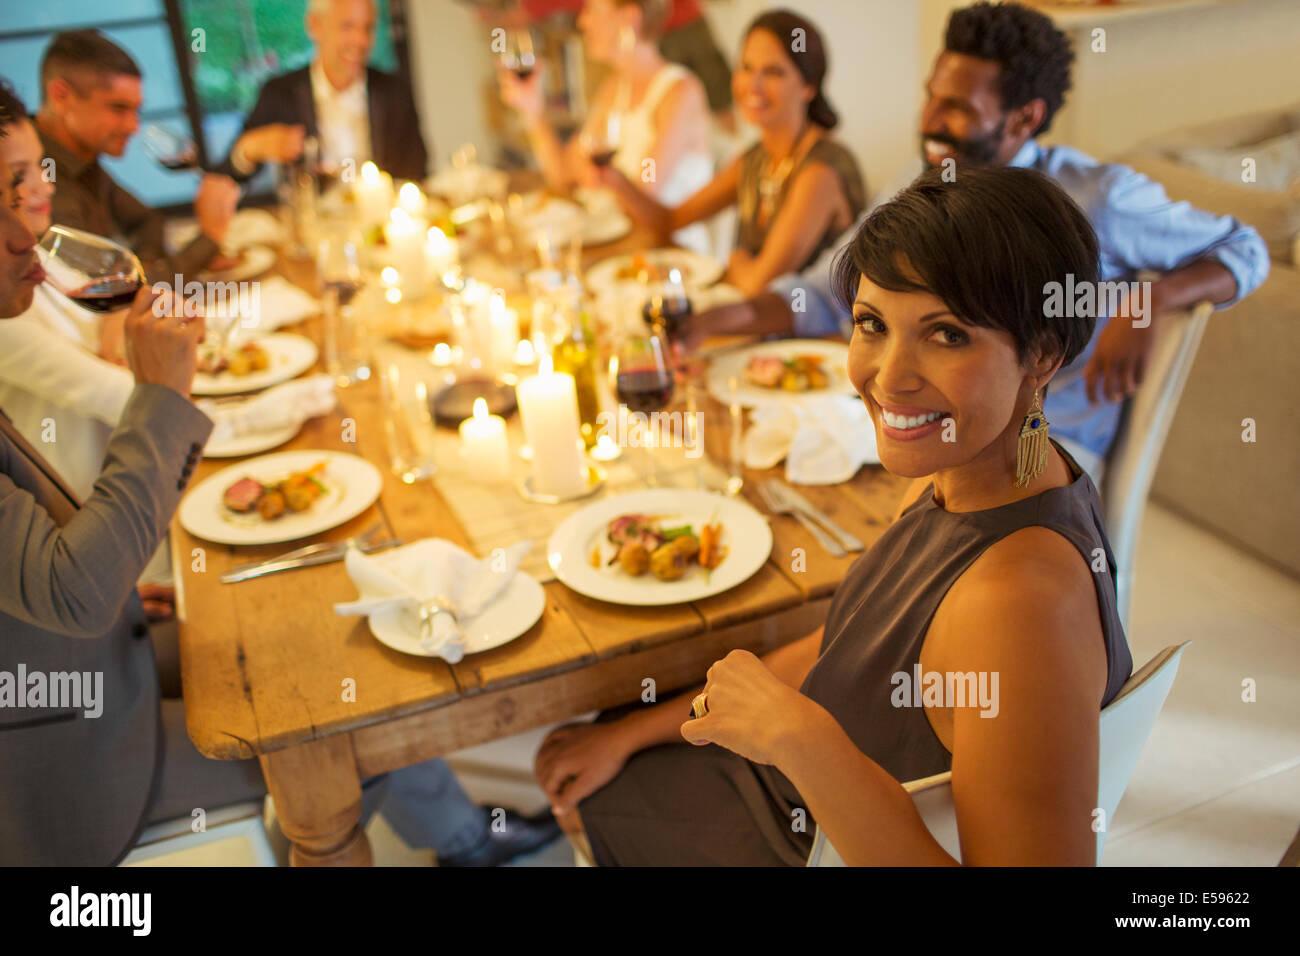 Bei Dinner-Party lächelnde Frau Stockbild